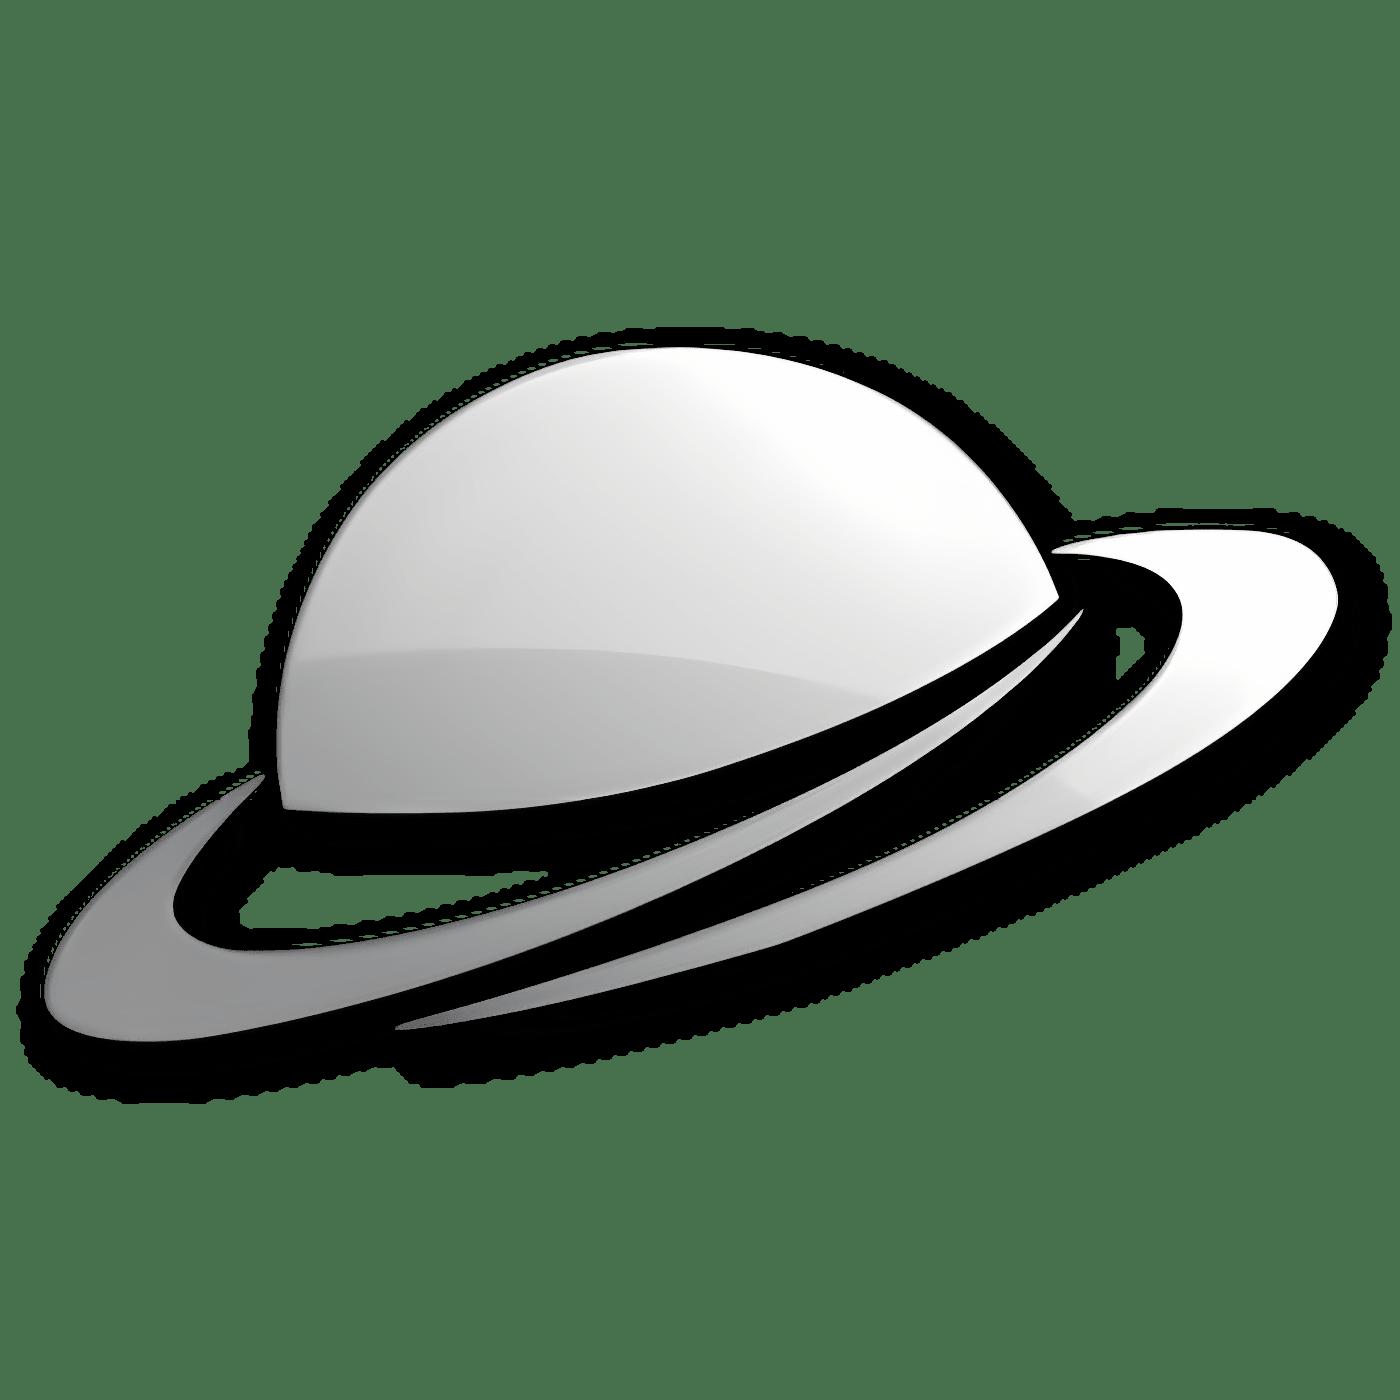 Reditr - Best Reddit Client 3.0.1